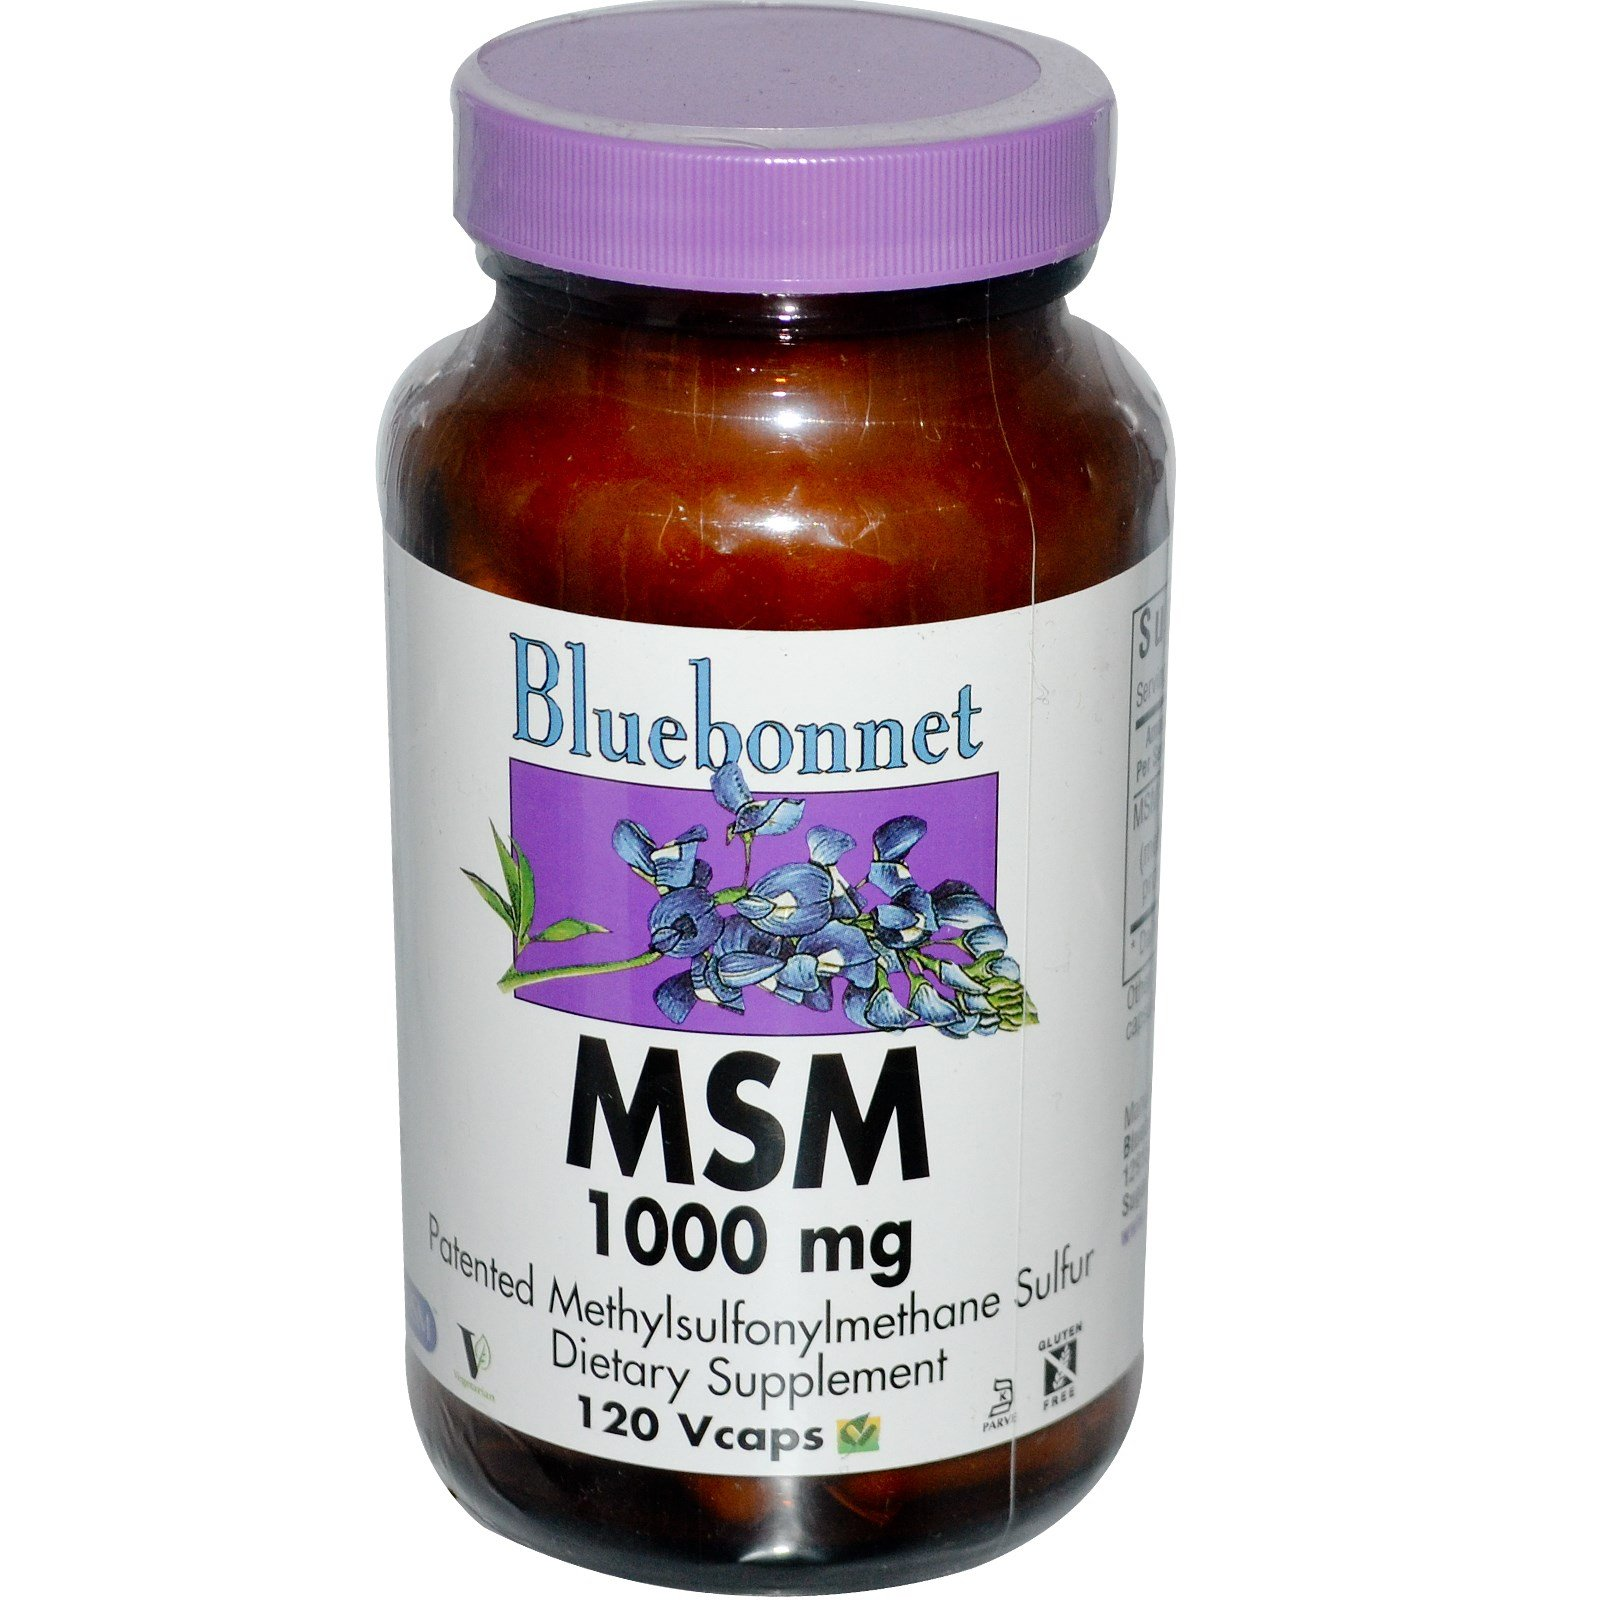 Bluebonnet Nutrition, MSM, 1000 mg, 120 Vcaps - 3PC